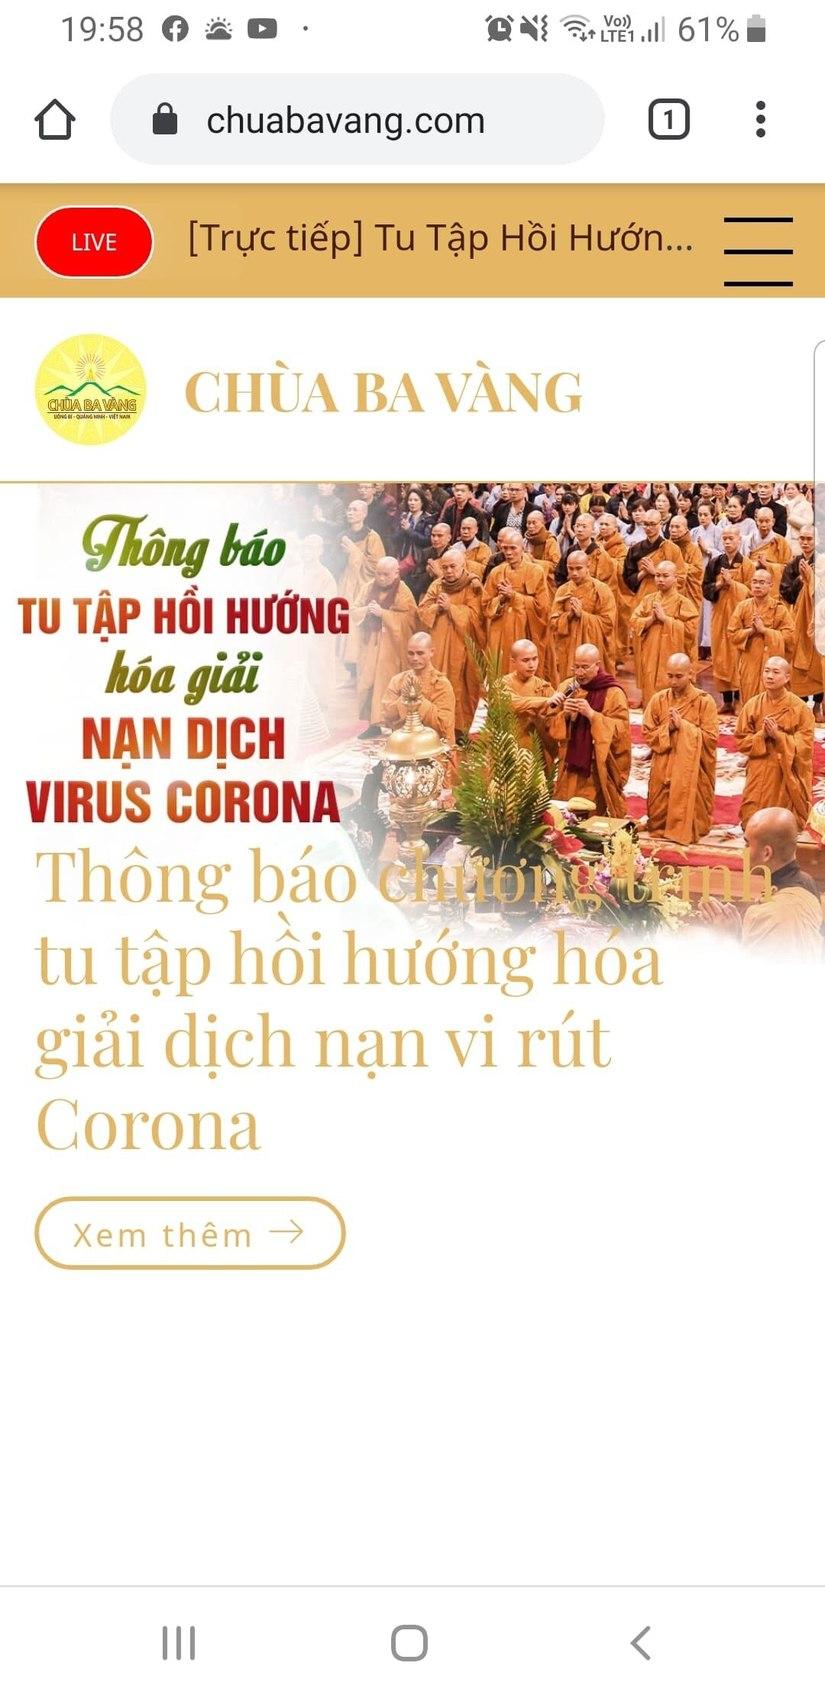 Sư trụ trì chùa Ba Vàng tái xuất, chỉ cách hóa giải nạn dịch virus Corona 2